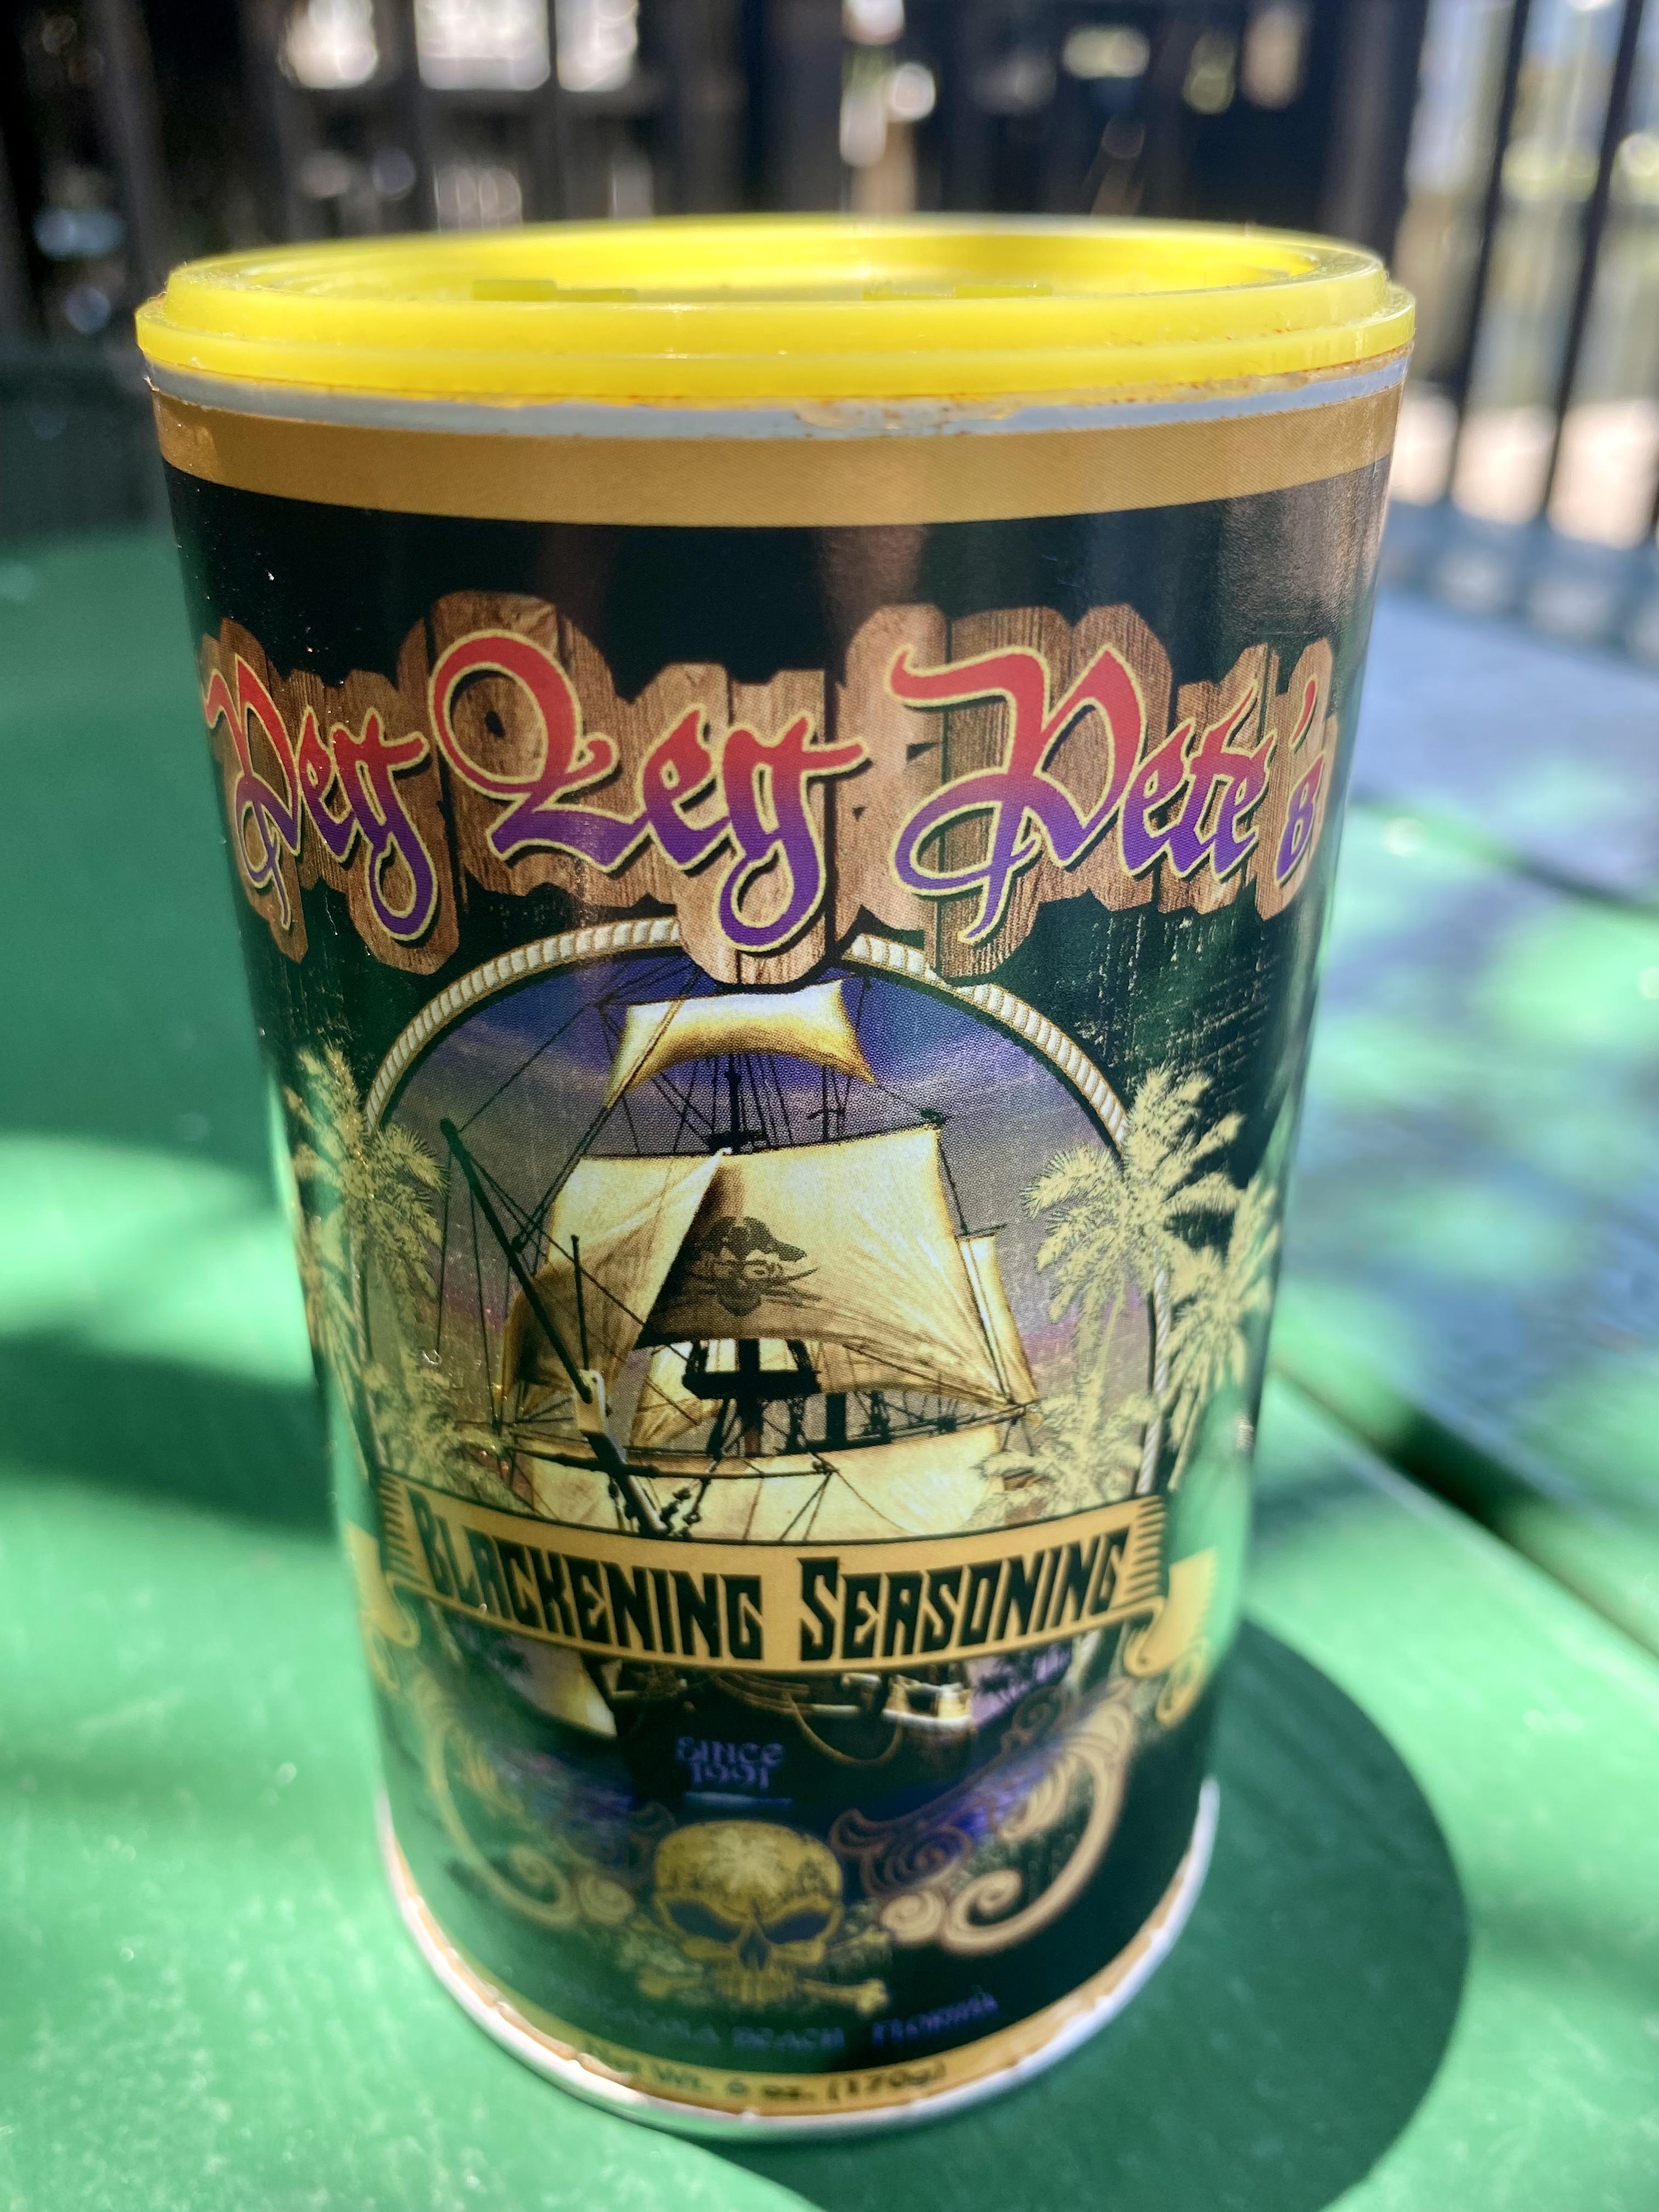 Peg Leg Pete's Blackening Seasoning